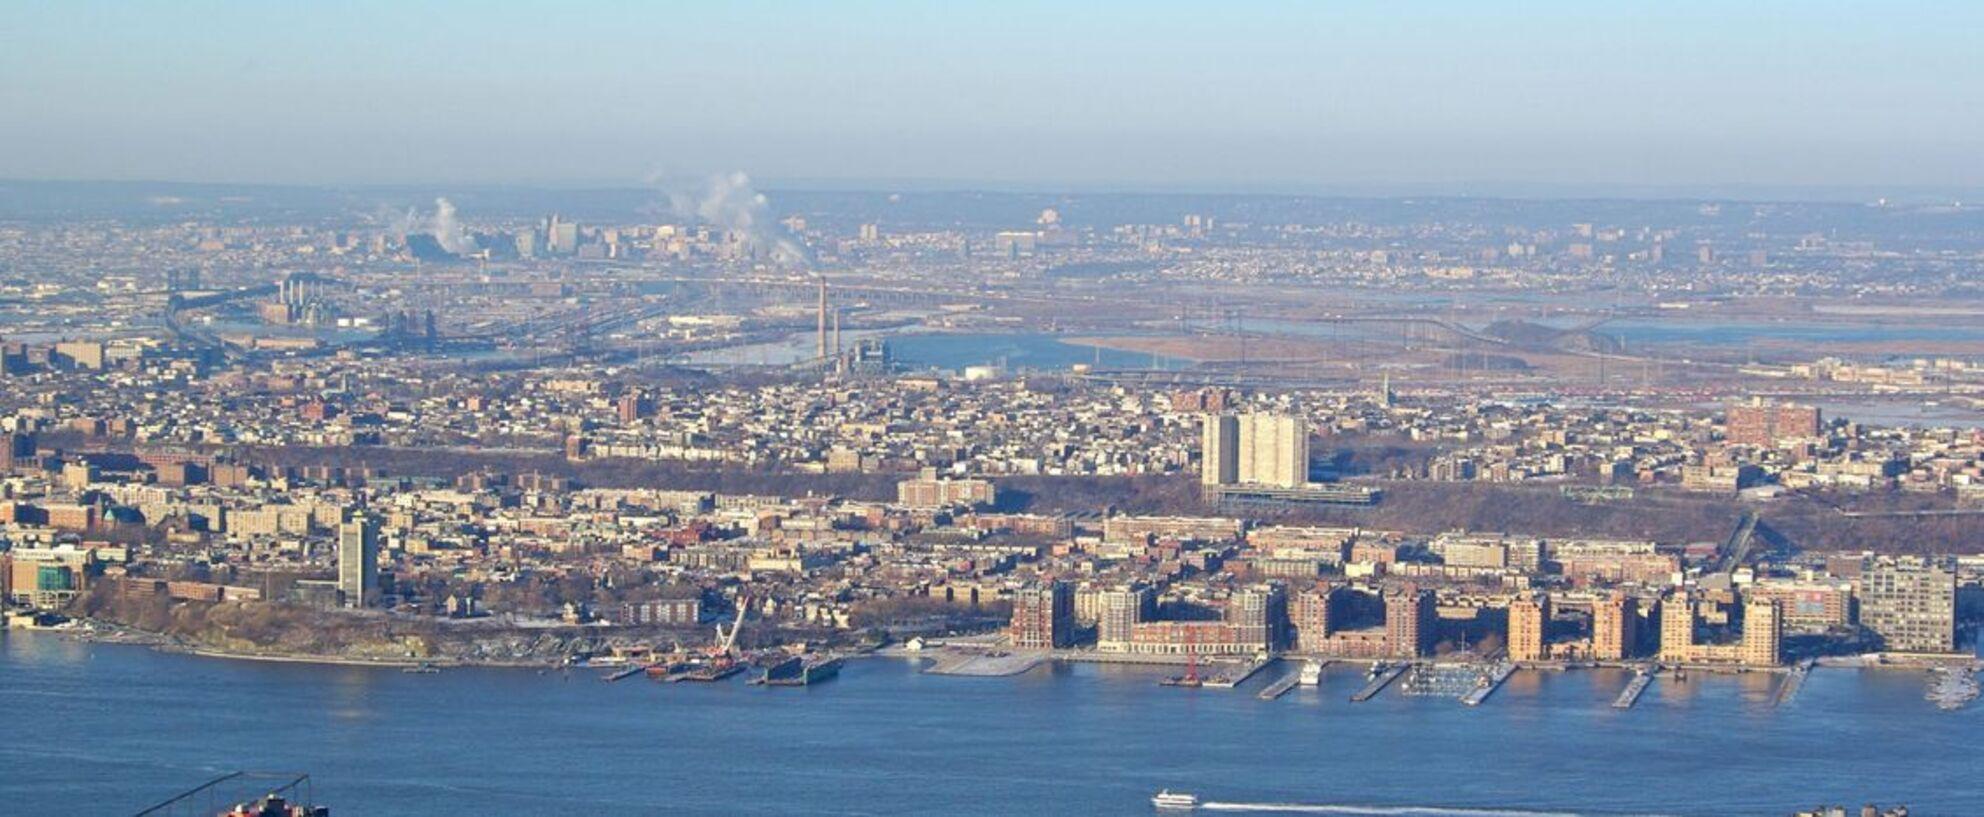 Overkant - Deze foto is gemaakt vanaf het Empire State Building. Hier kijk je over de Hudson rivier naar  West New York. - foto door Henkes62 op 23-08-2009 - deze foto bevat: hudson, New York - Deze foto mag gebruikt worden in een Zoom.nl publicatie